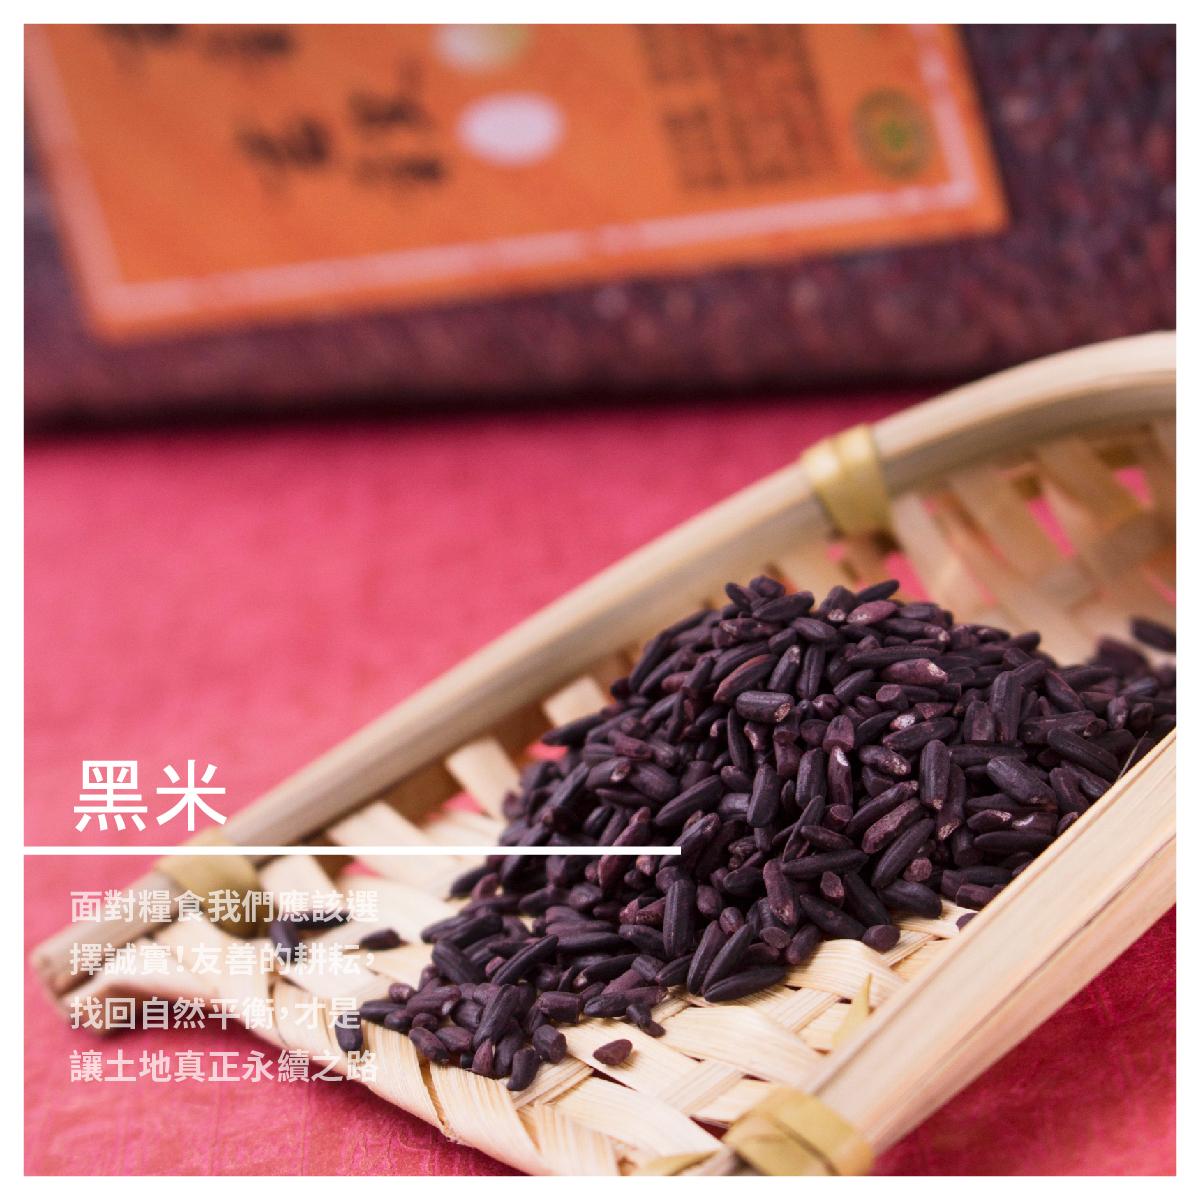 【吉也鮮 吉谷農園】黑米 1公斤 /5包組